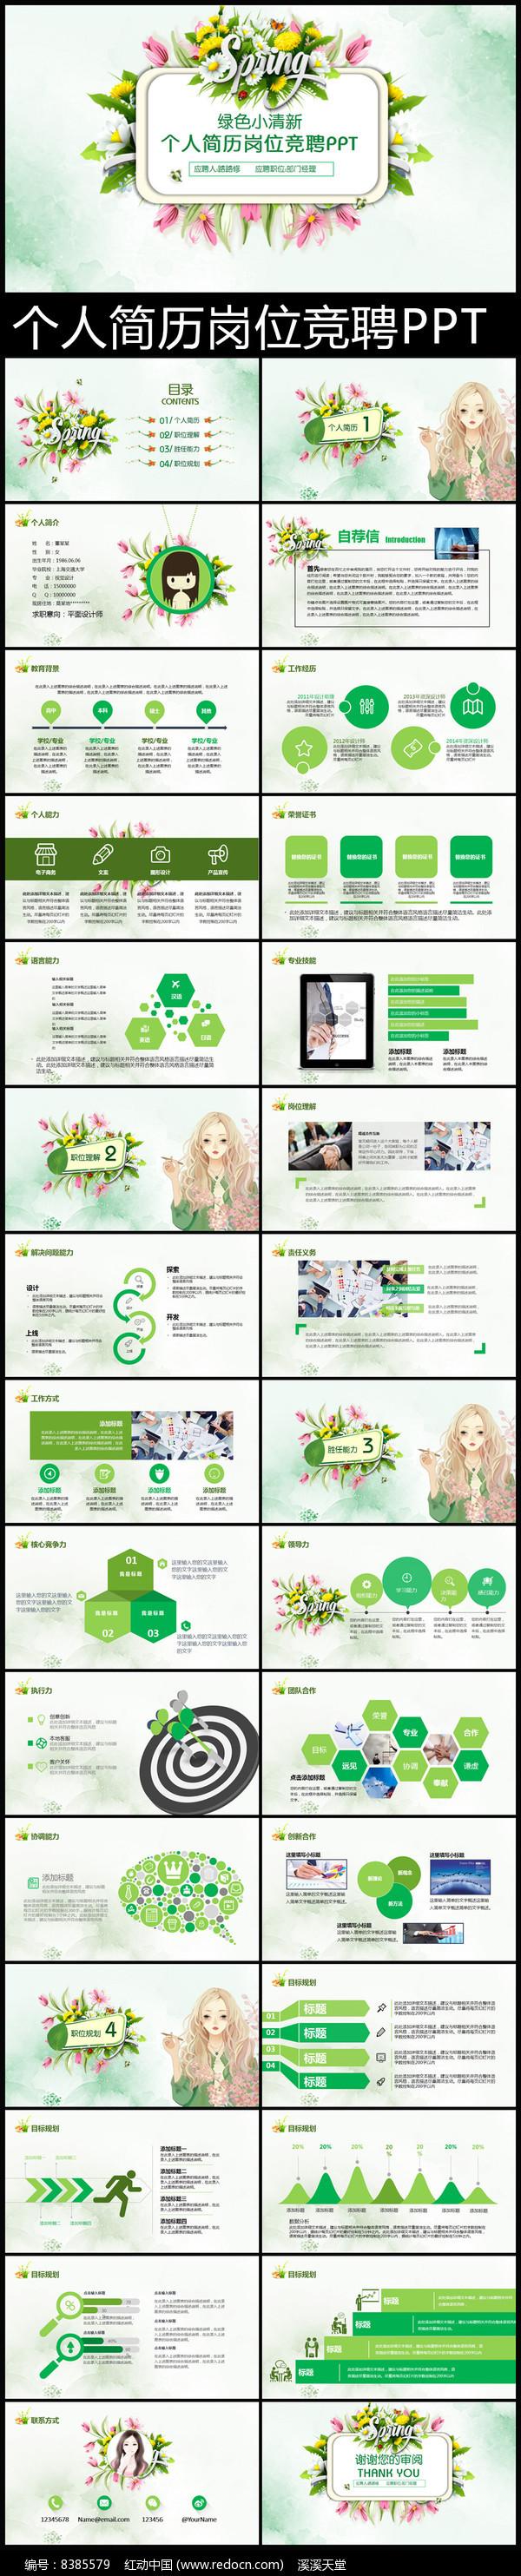 绿色清新个人求职简历PPT模板图片